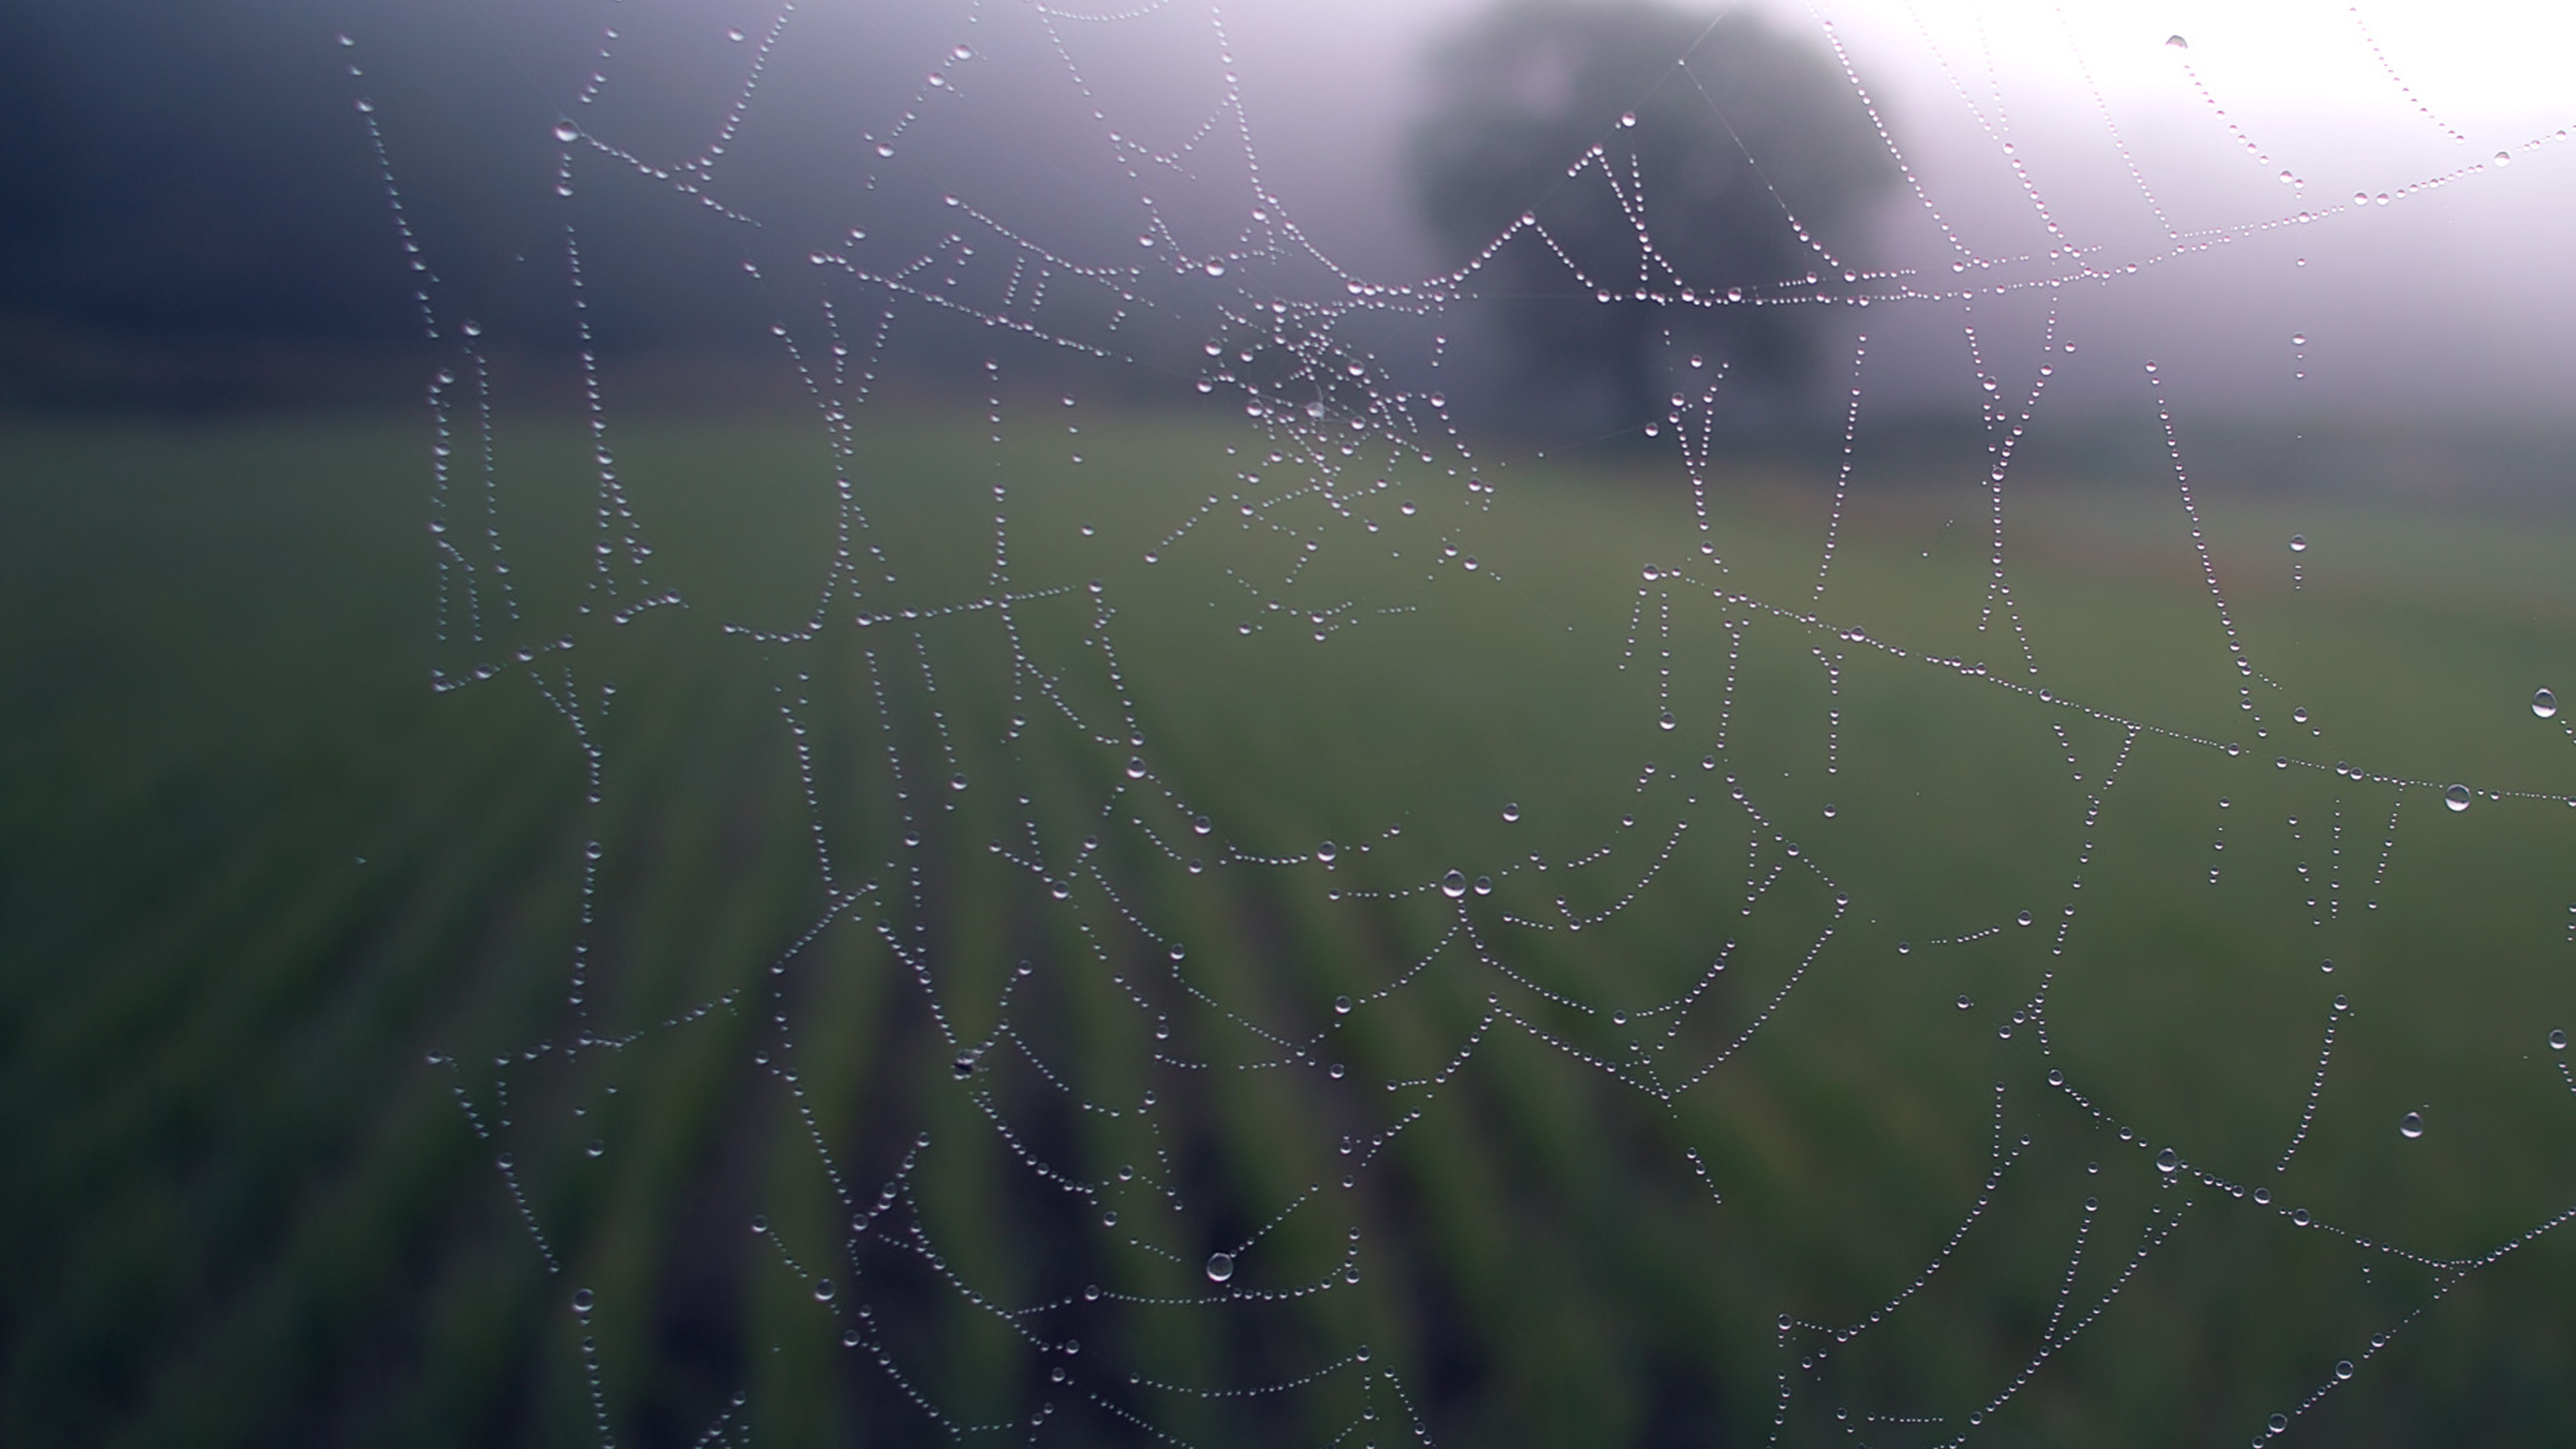 wallpaper for desktop, laptop | mv02-morning-dew-spider-web-rain